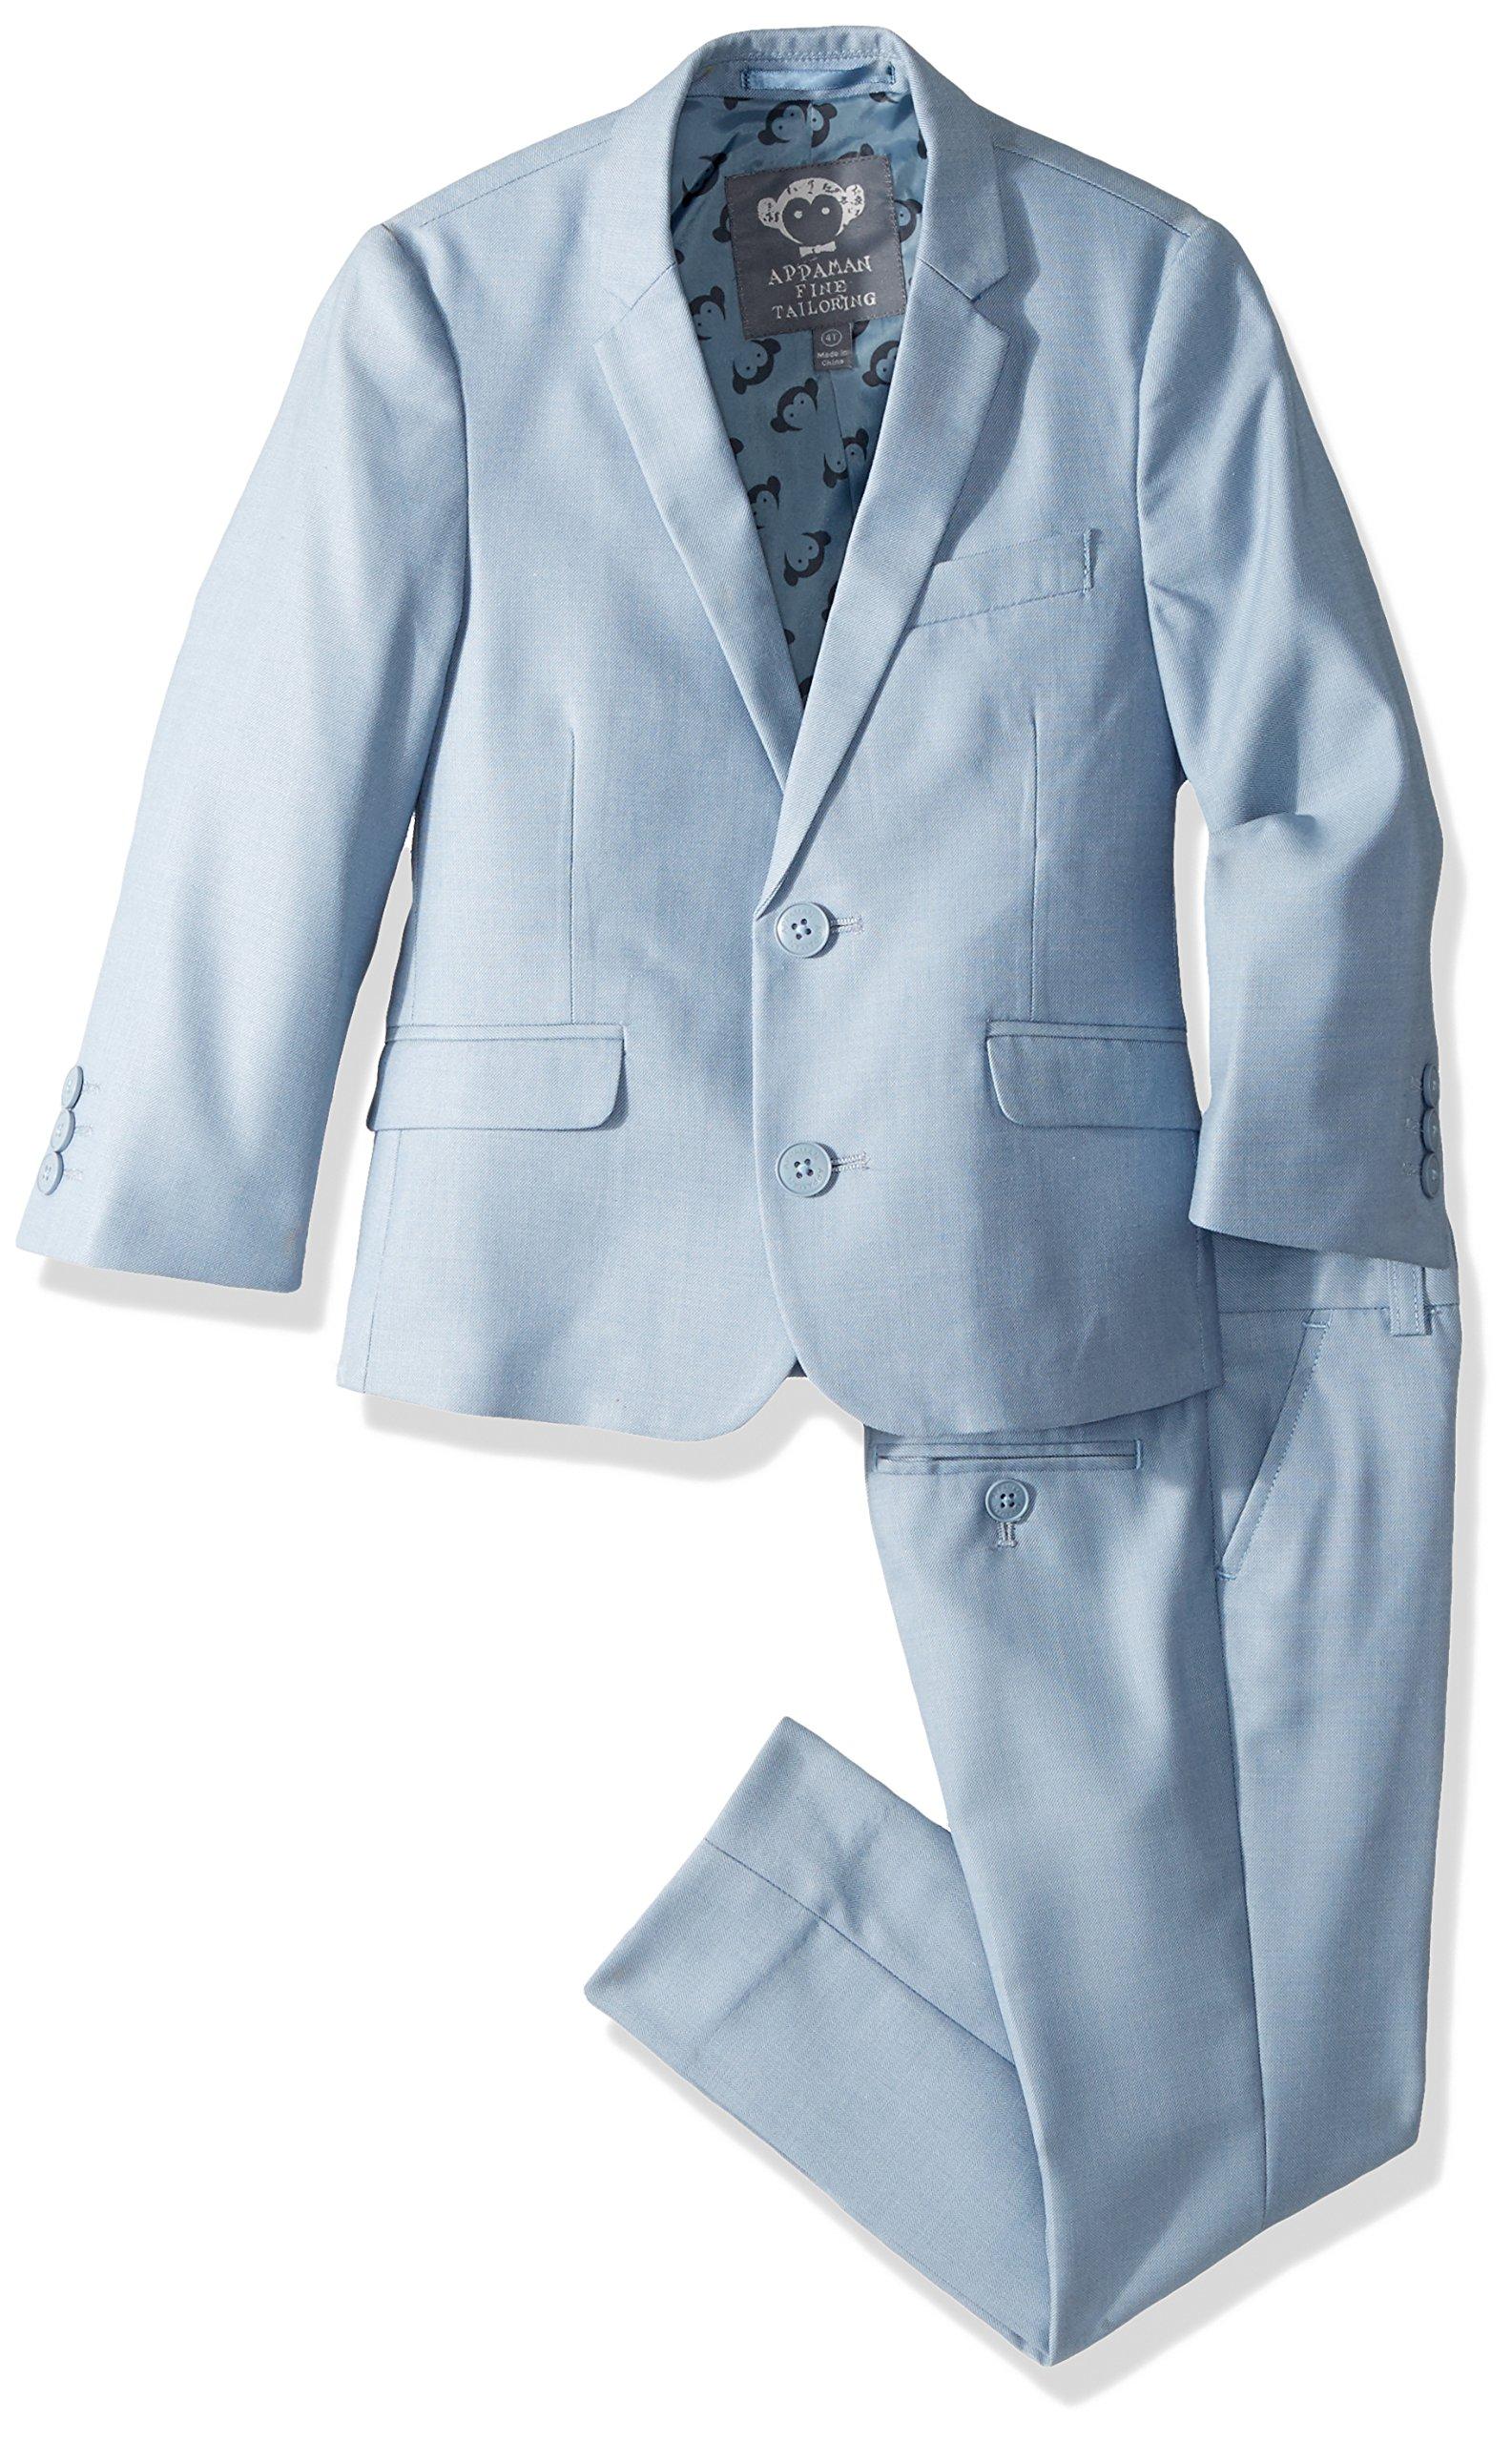 Appaman Boys' MOD Suit, Cool Blue, 2T